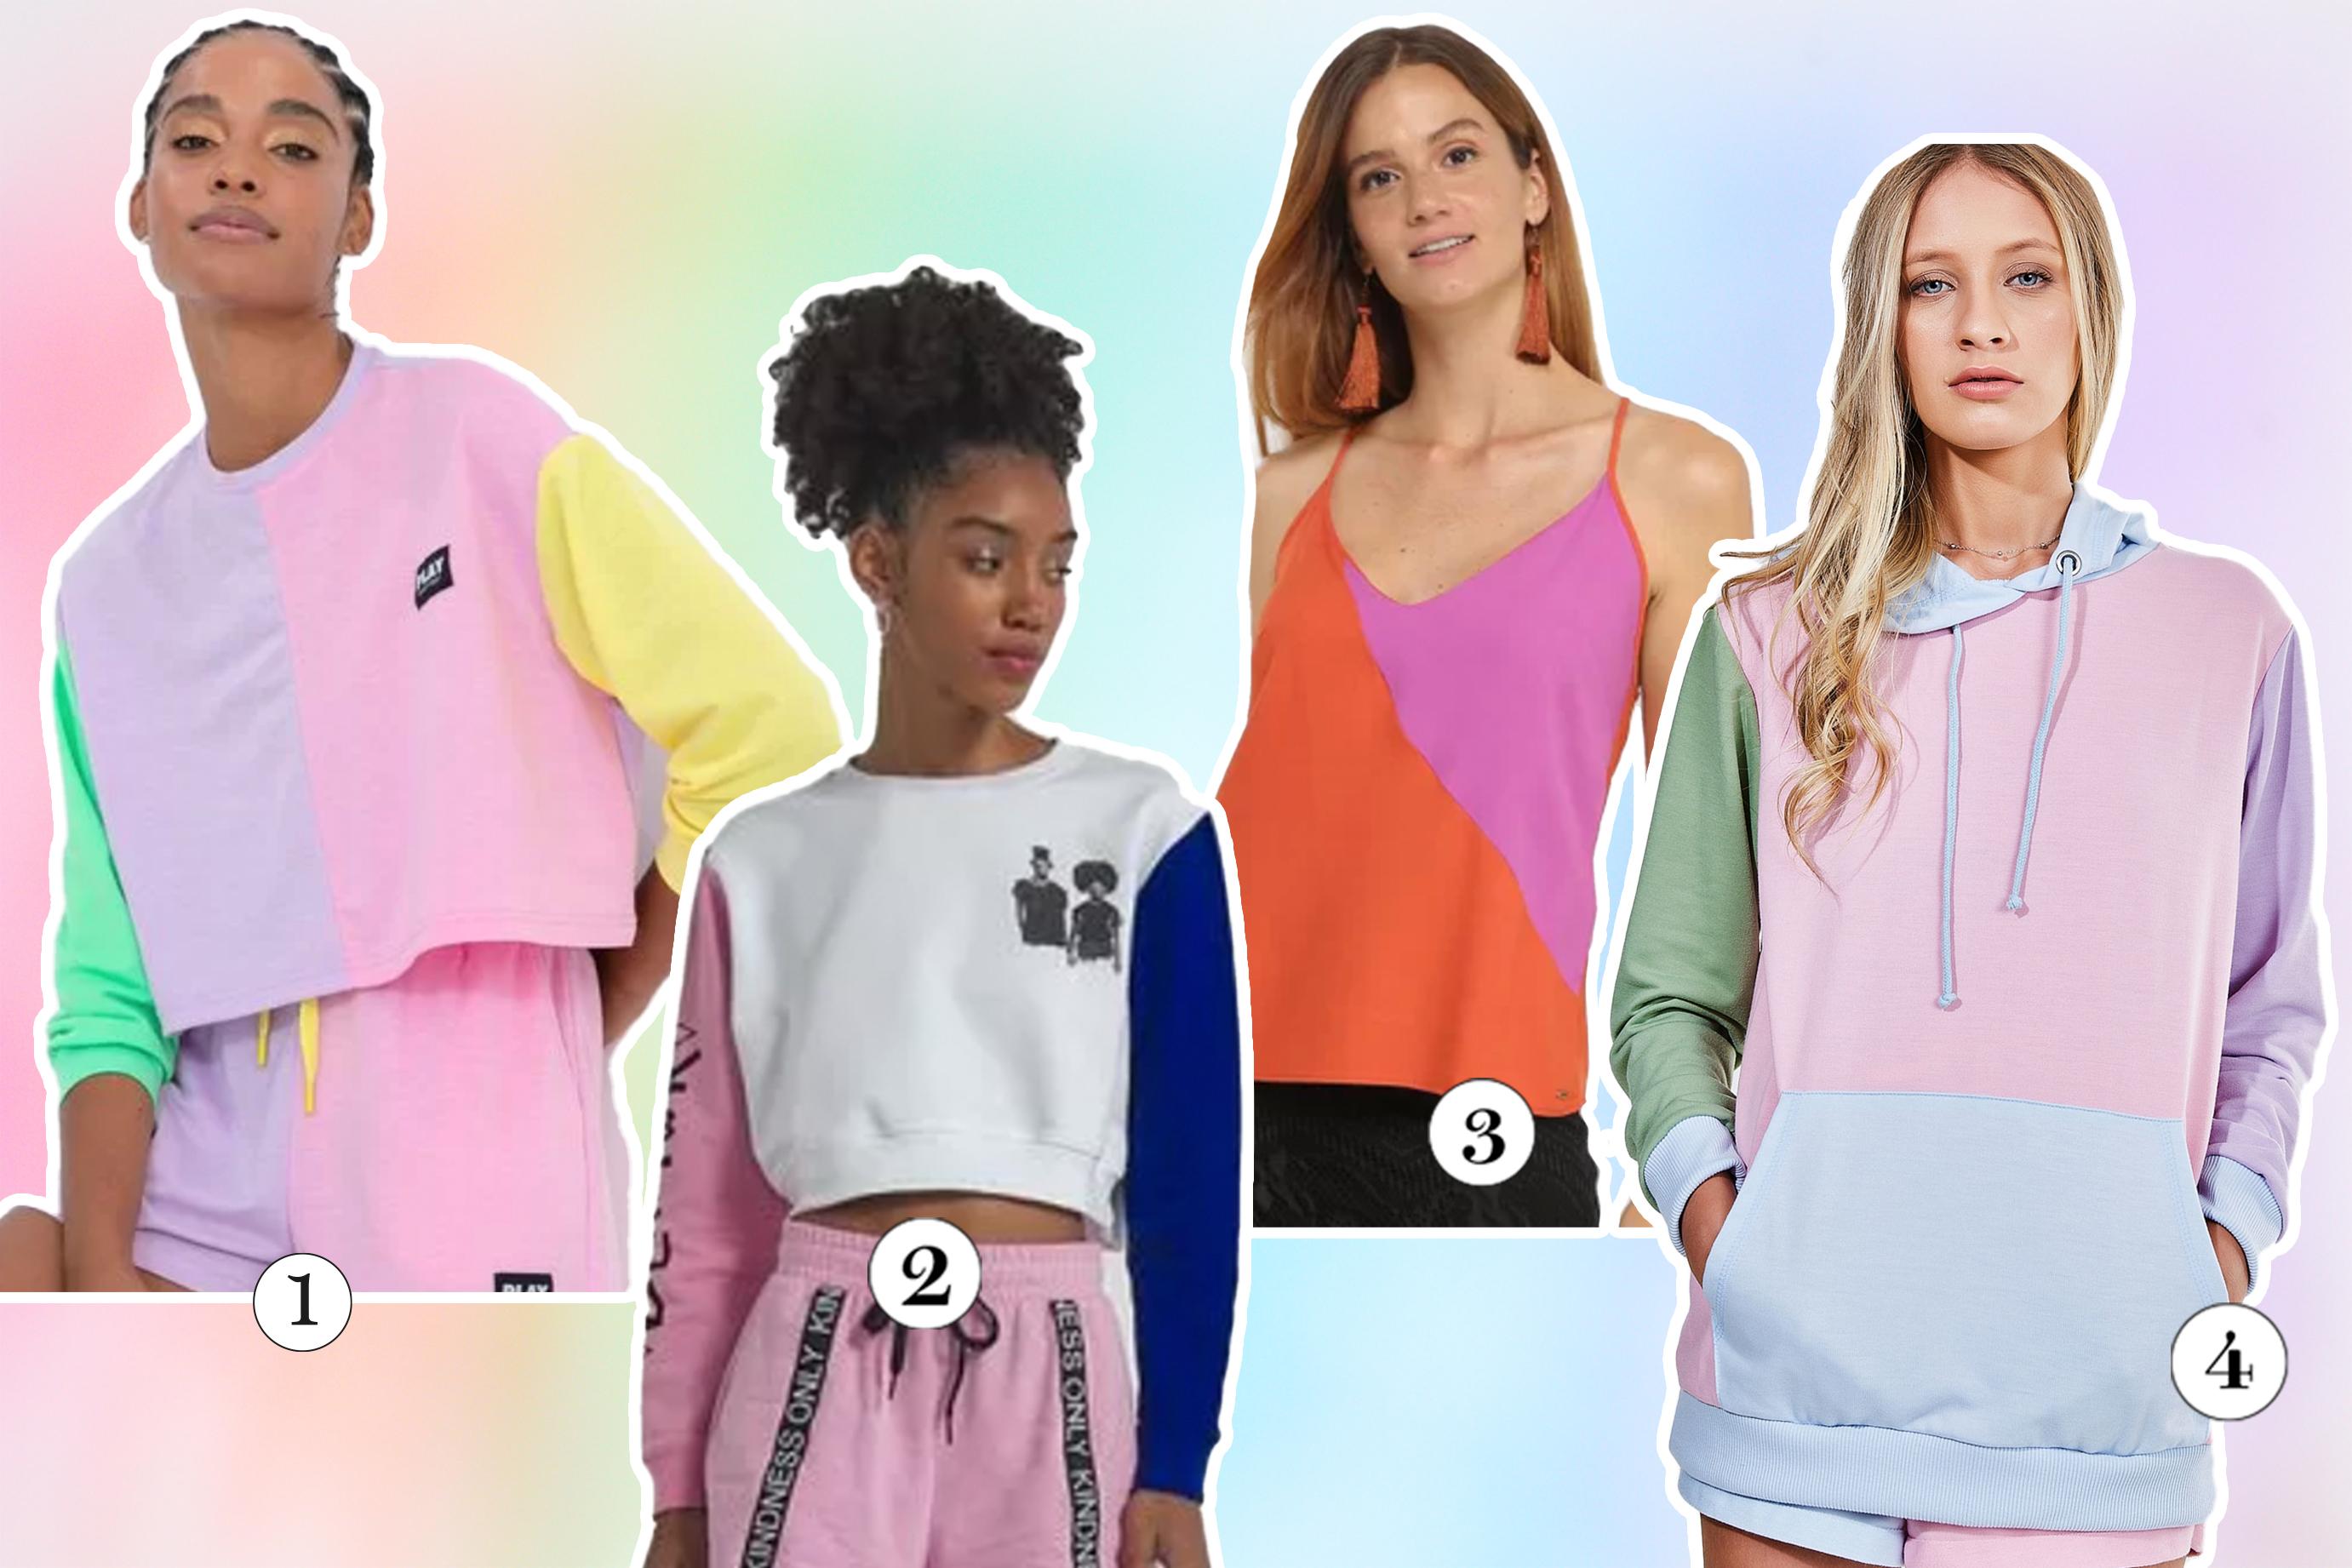 Moda colorida virou tendência e possibilita diversas combinações